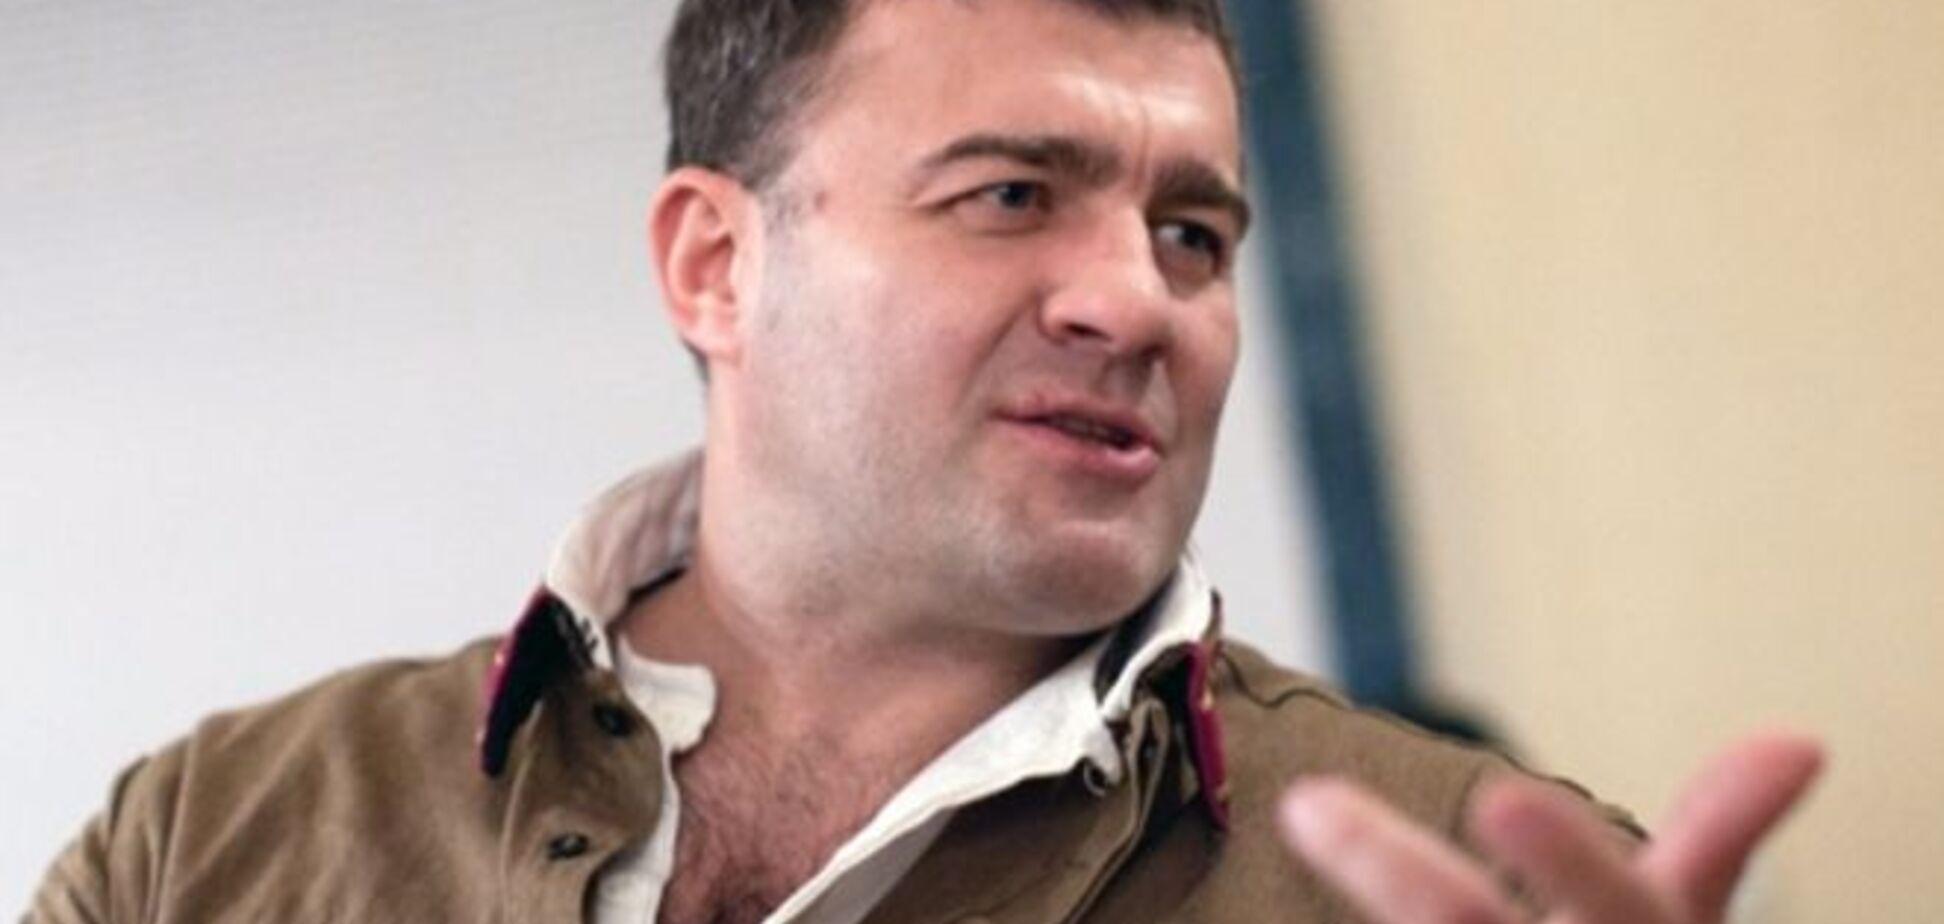 Пореченкову 1 апреля предложили стать 'министром культуры' боевиков 'ДНР'